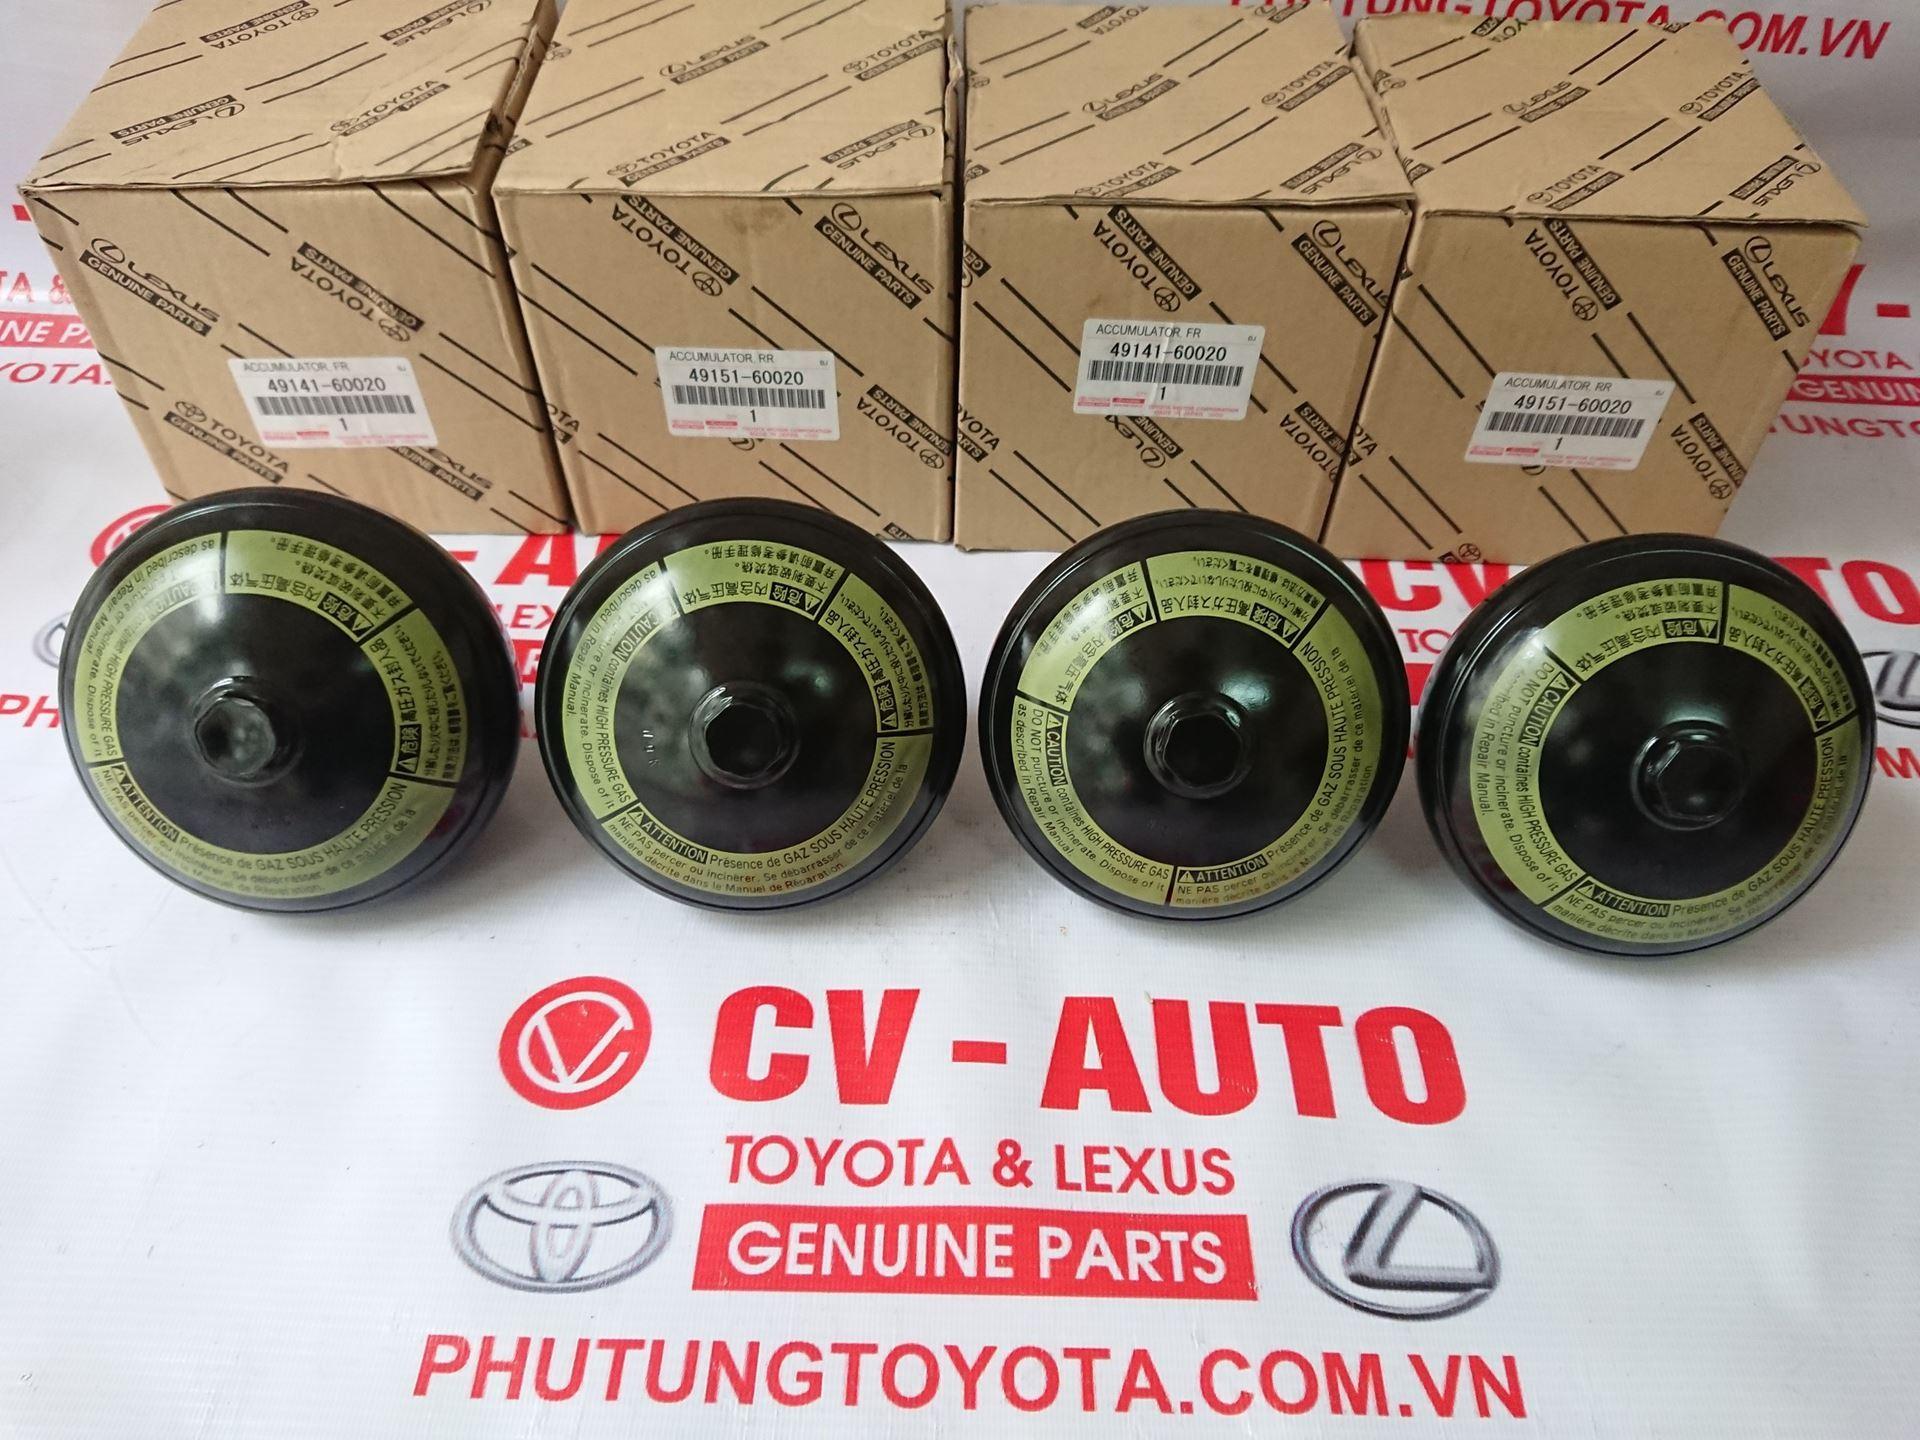 Picture of 49151-60020 Bầu tích áp giảm chấn Lexus LX570 Toyota Land Cruiser chính hãng